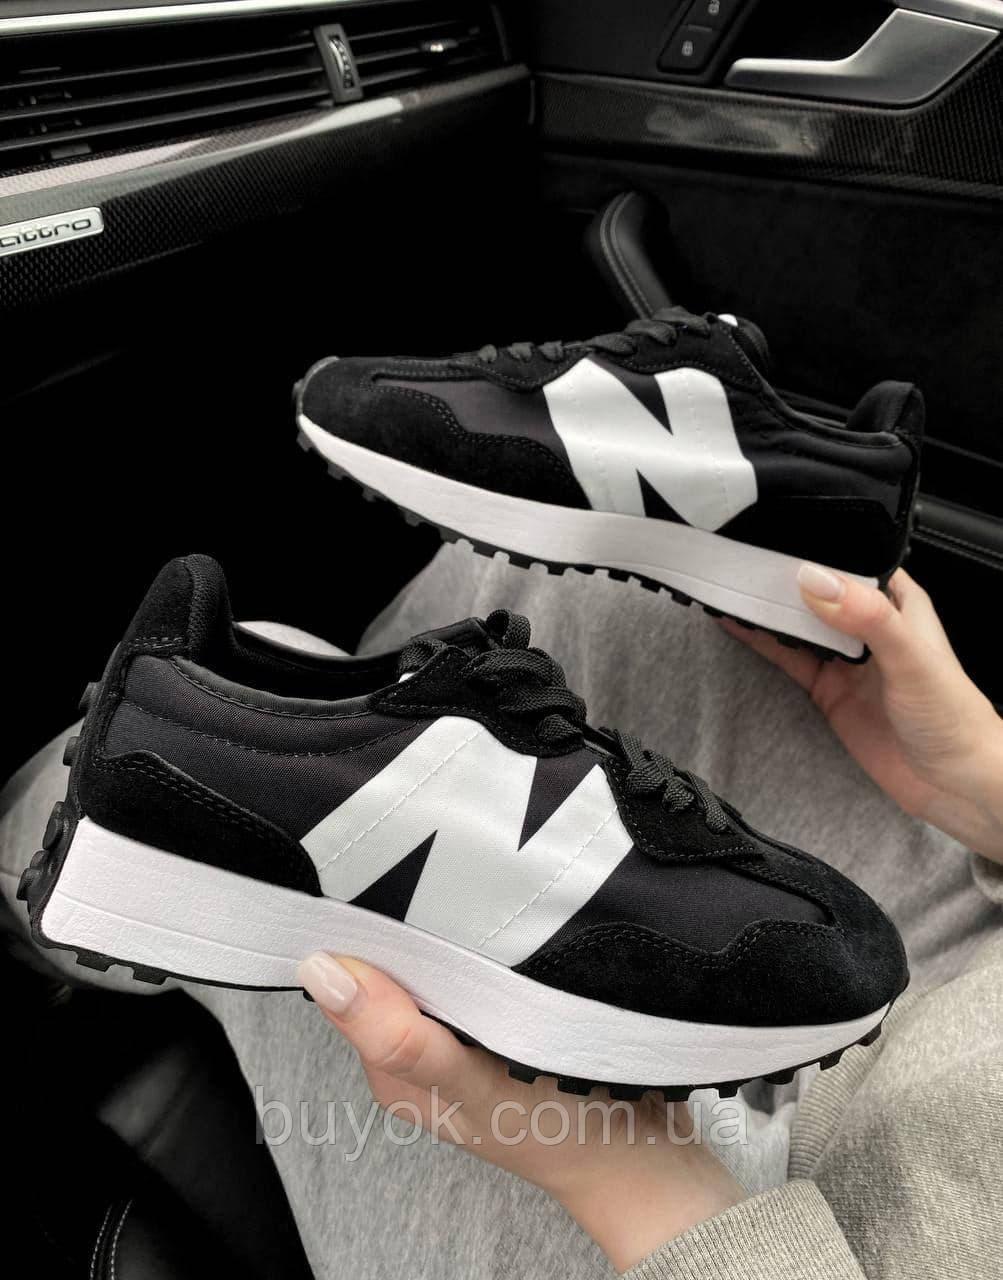 Жіночі кросівки New Balance 327 Black MS327CPG